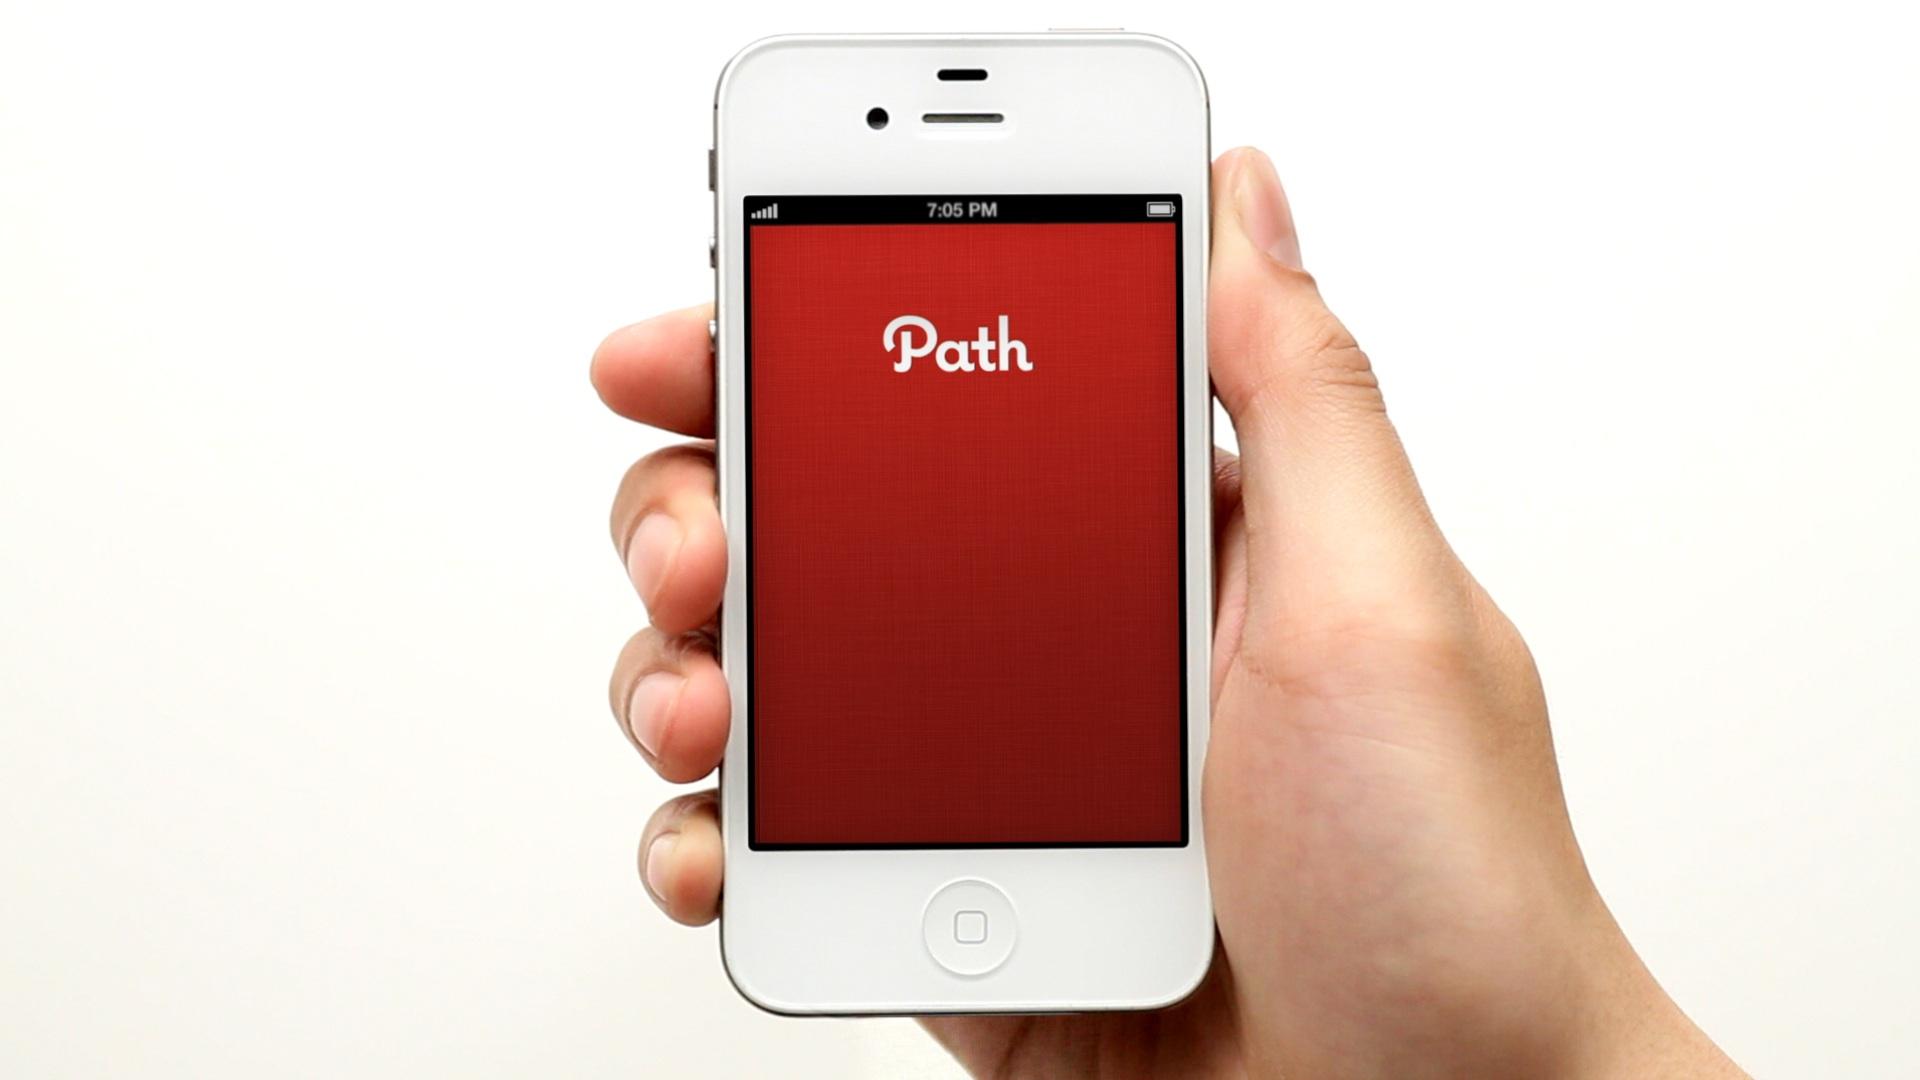 Path iOS Photo